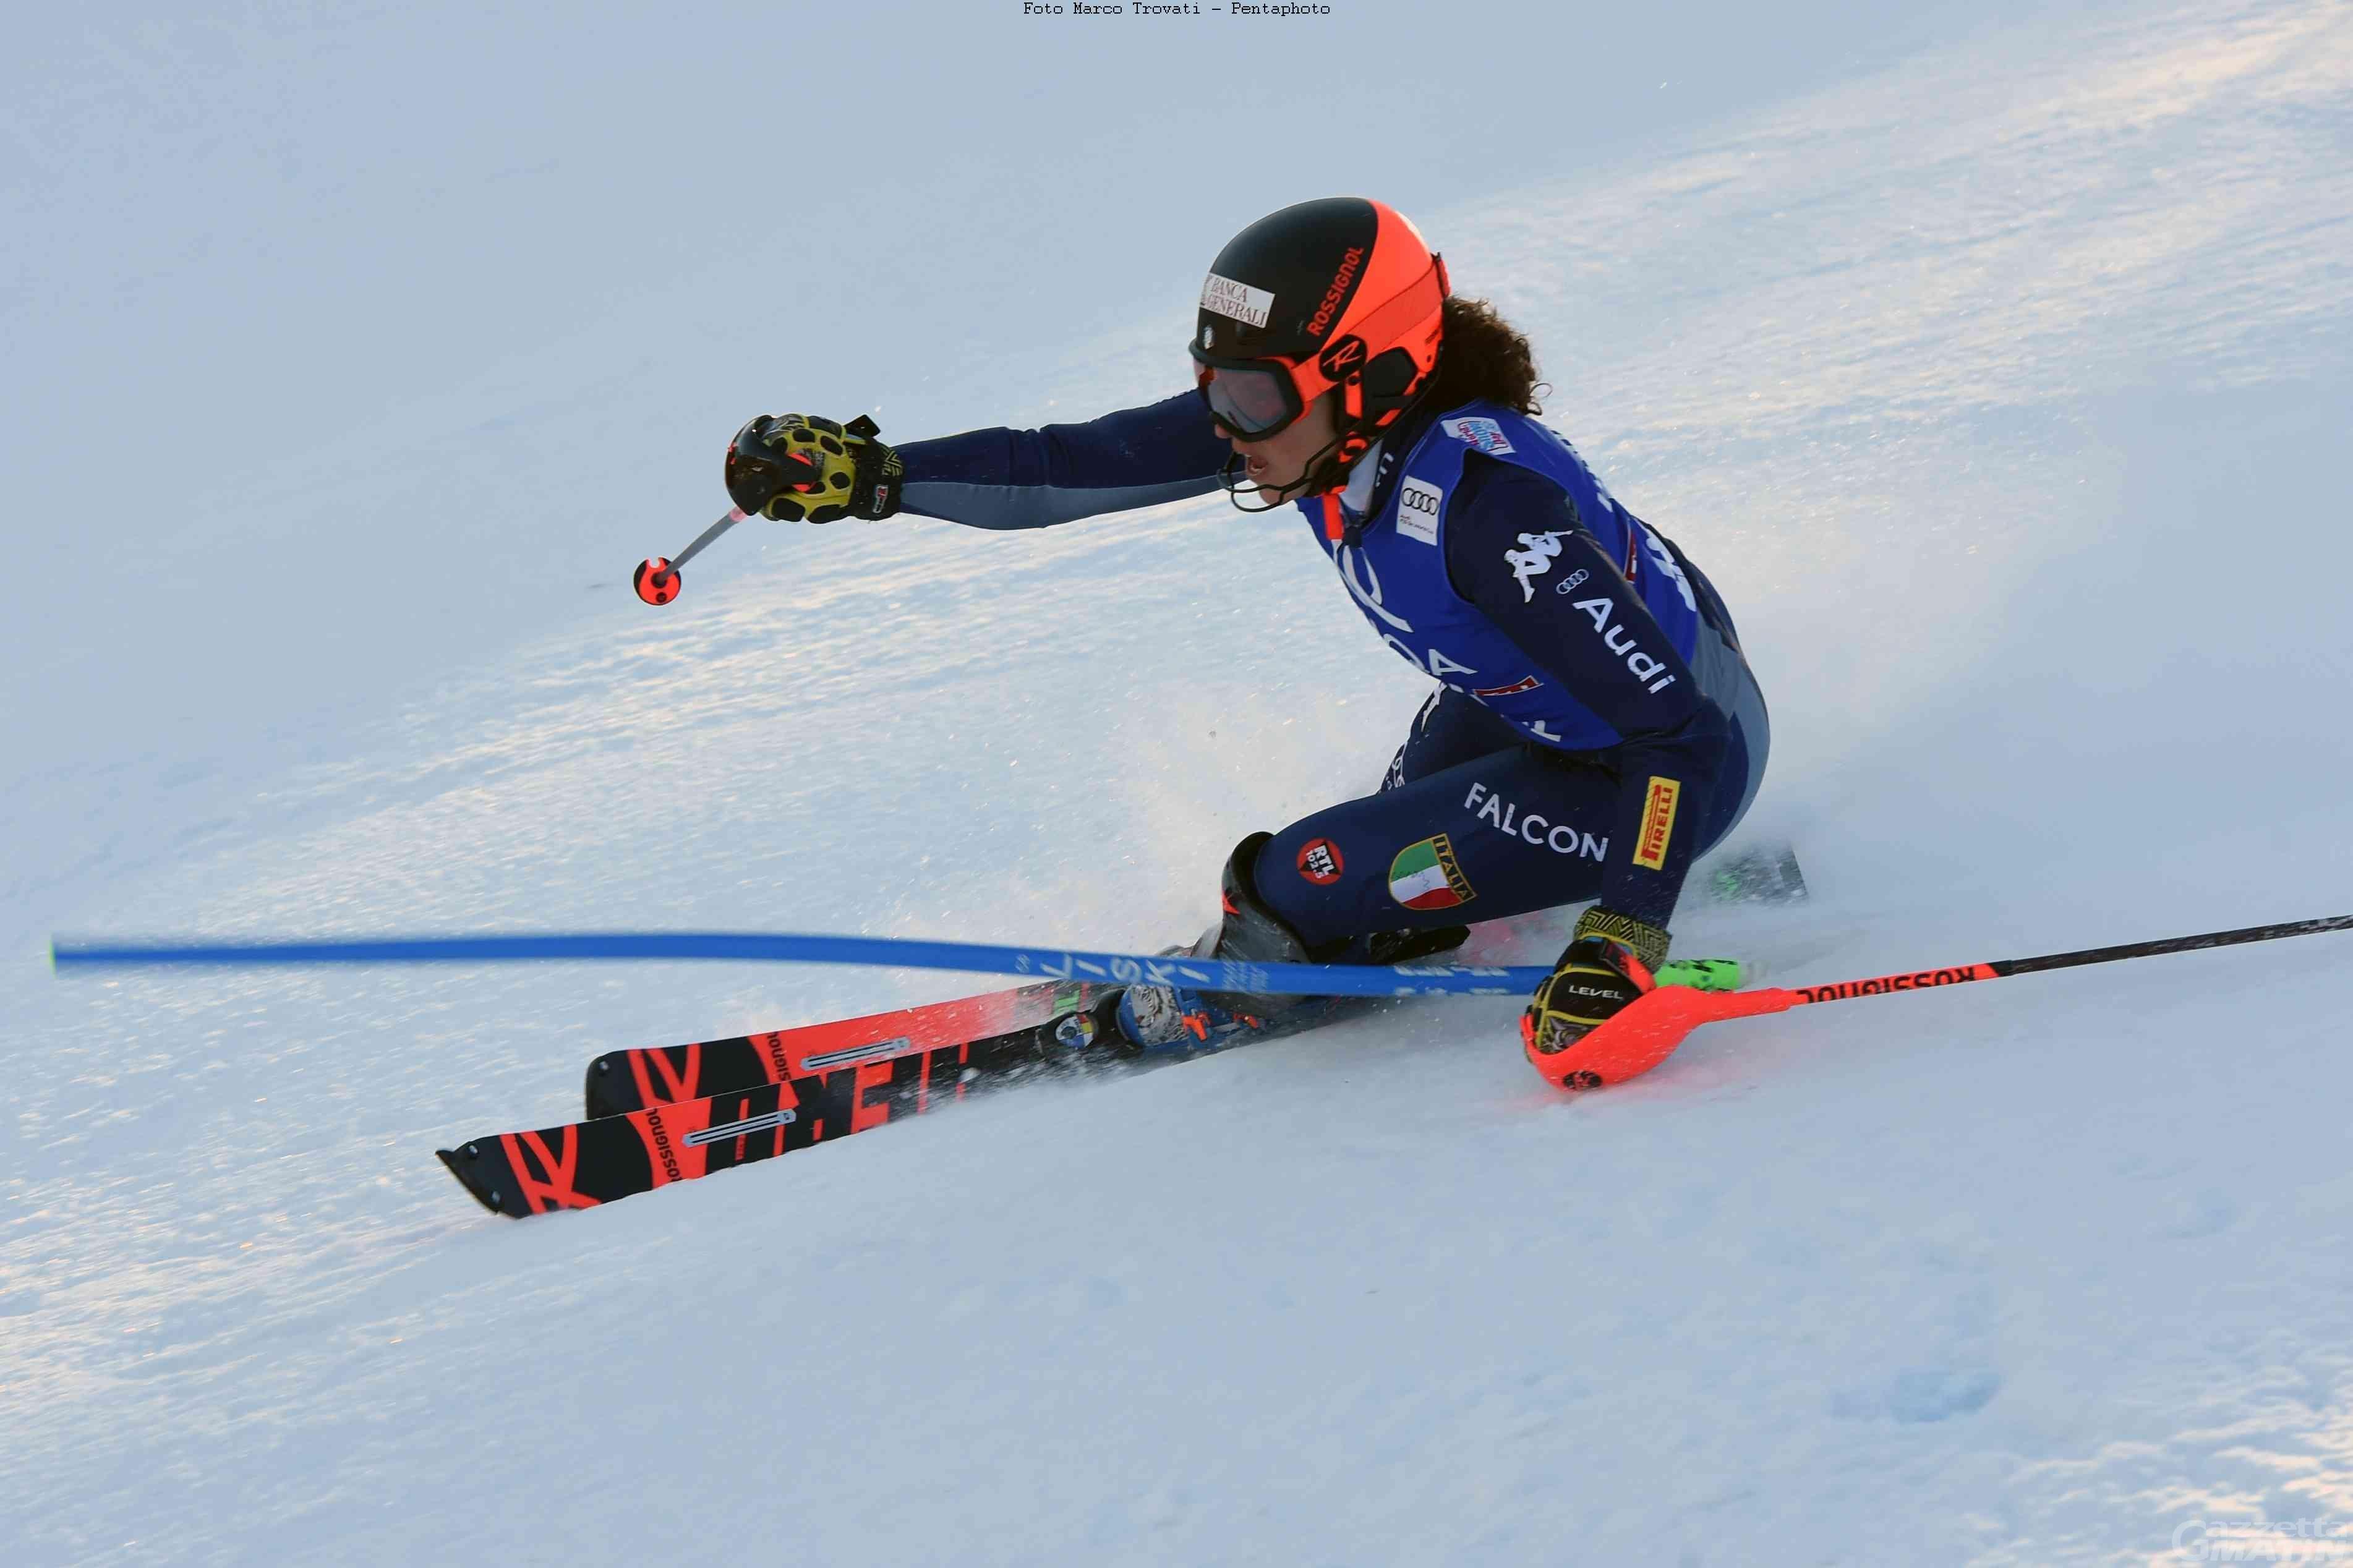 Sci alpino: Brignone qualificata per la seconda manche